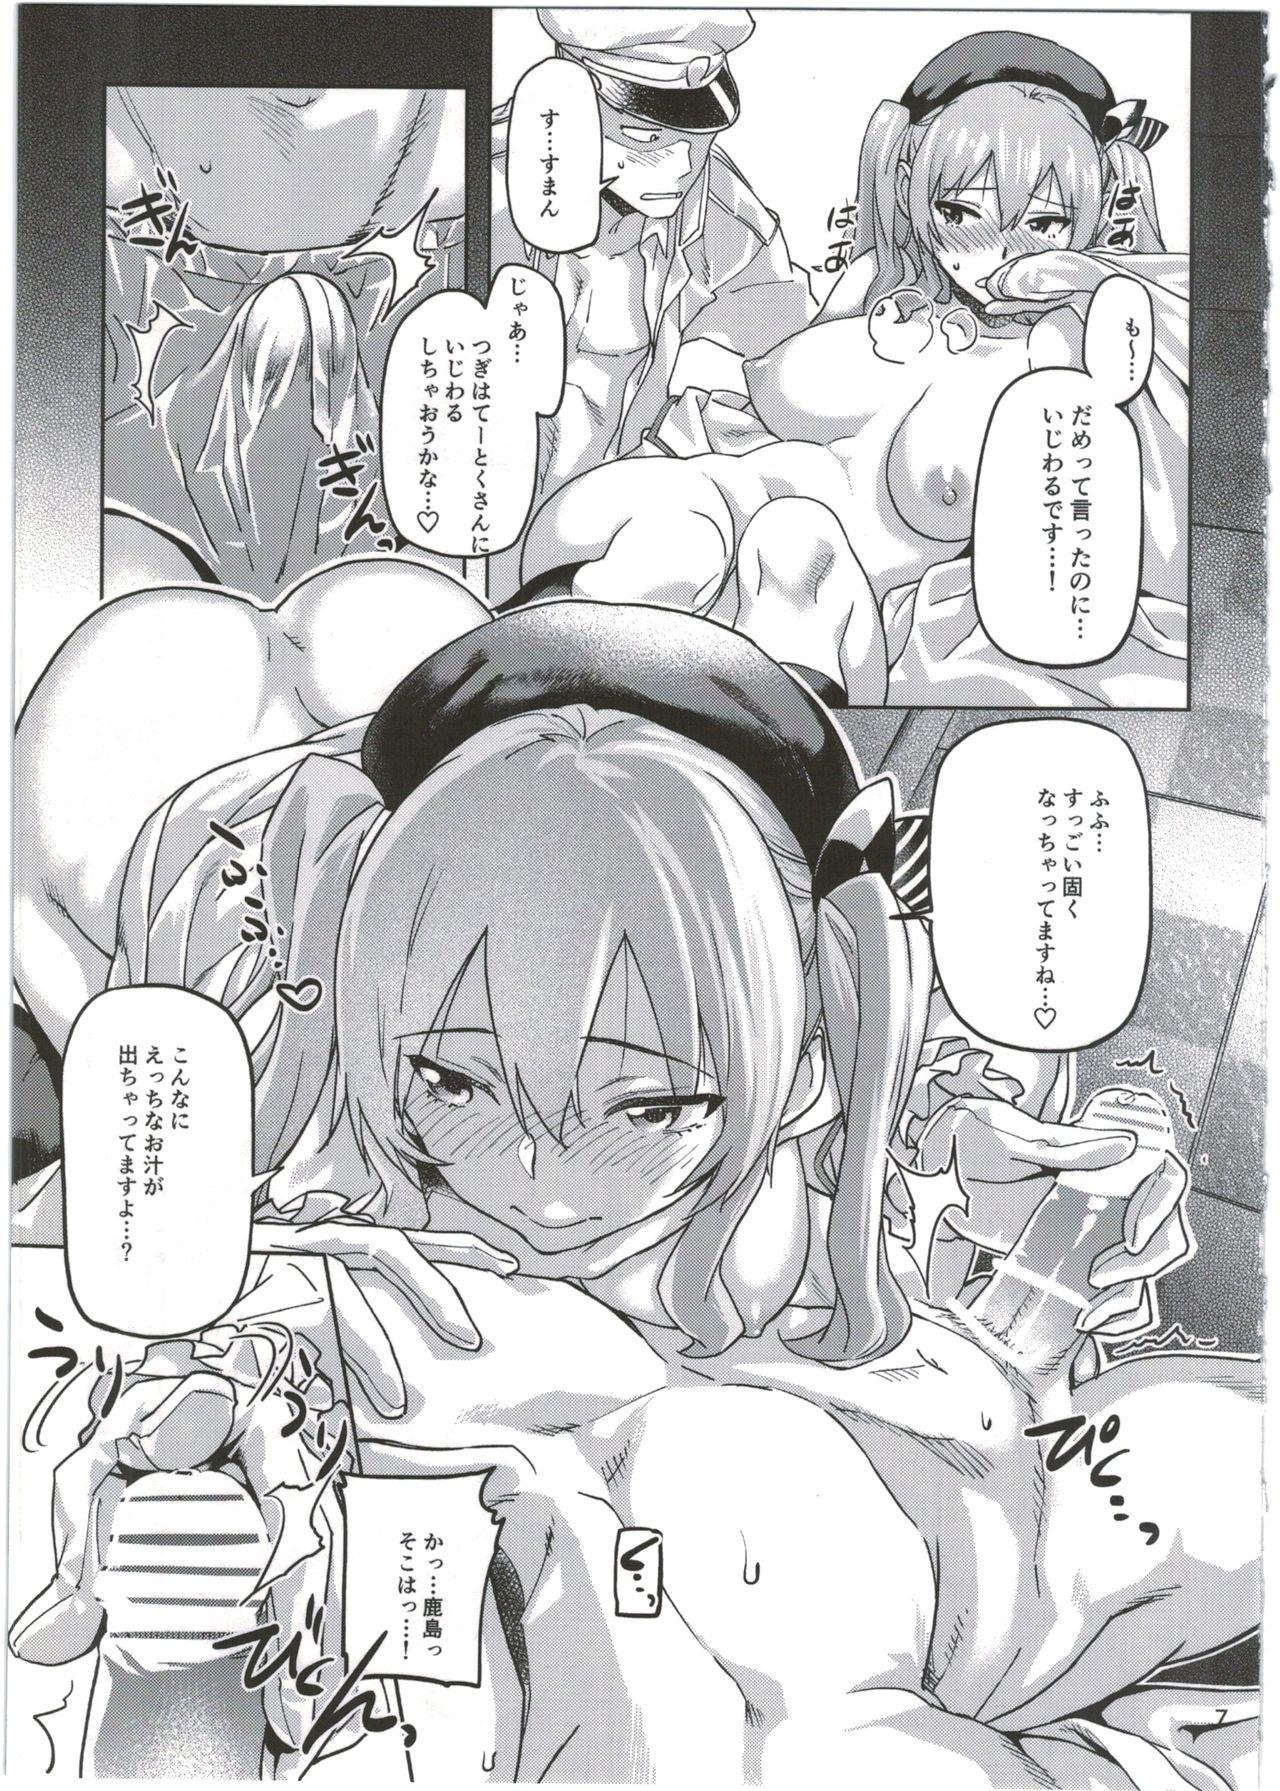 Kashima to Yoru no Renshuukan 8